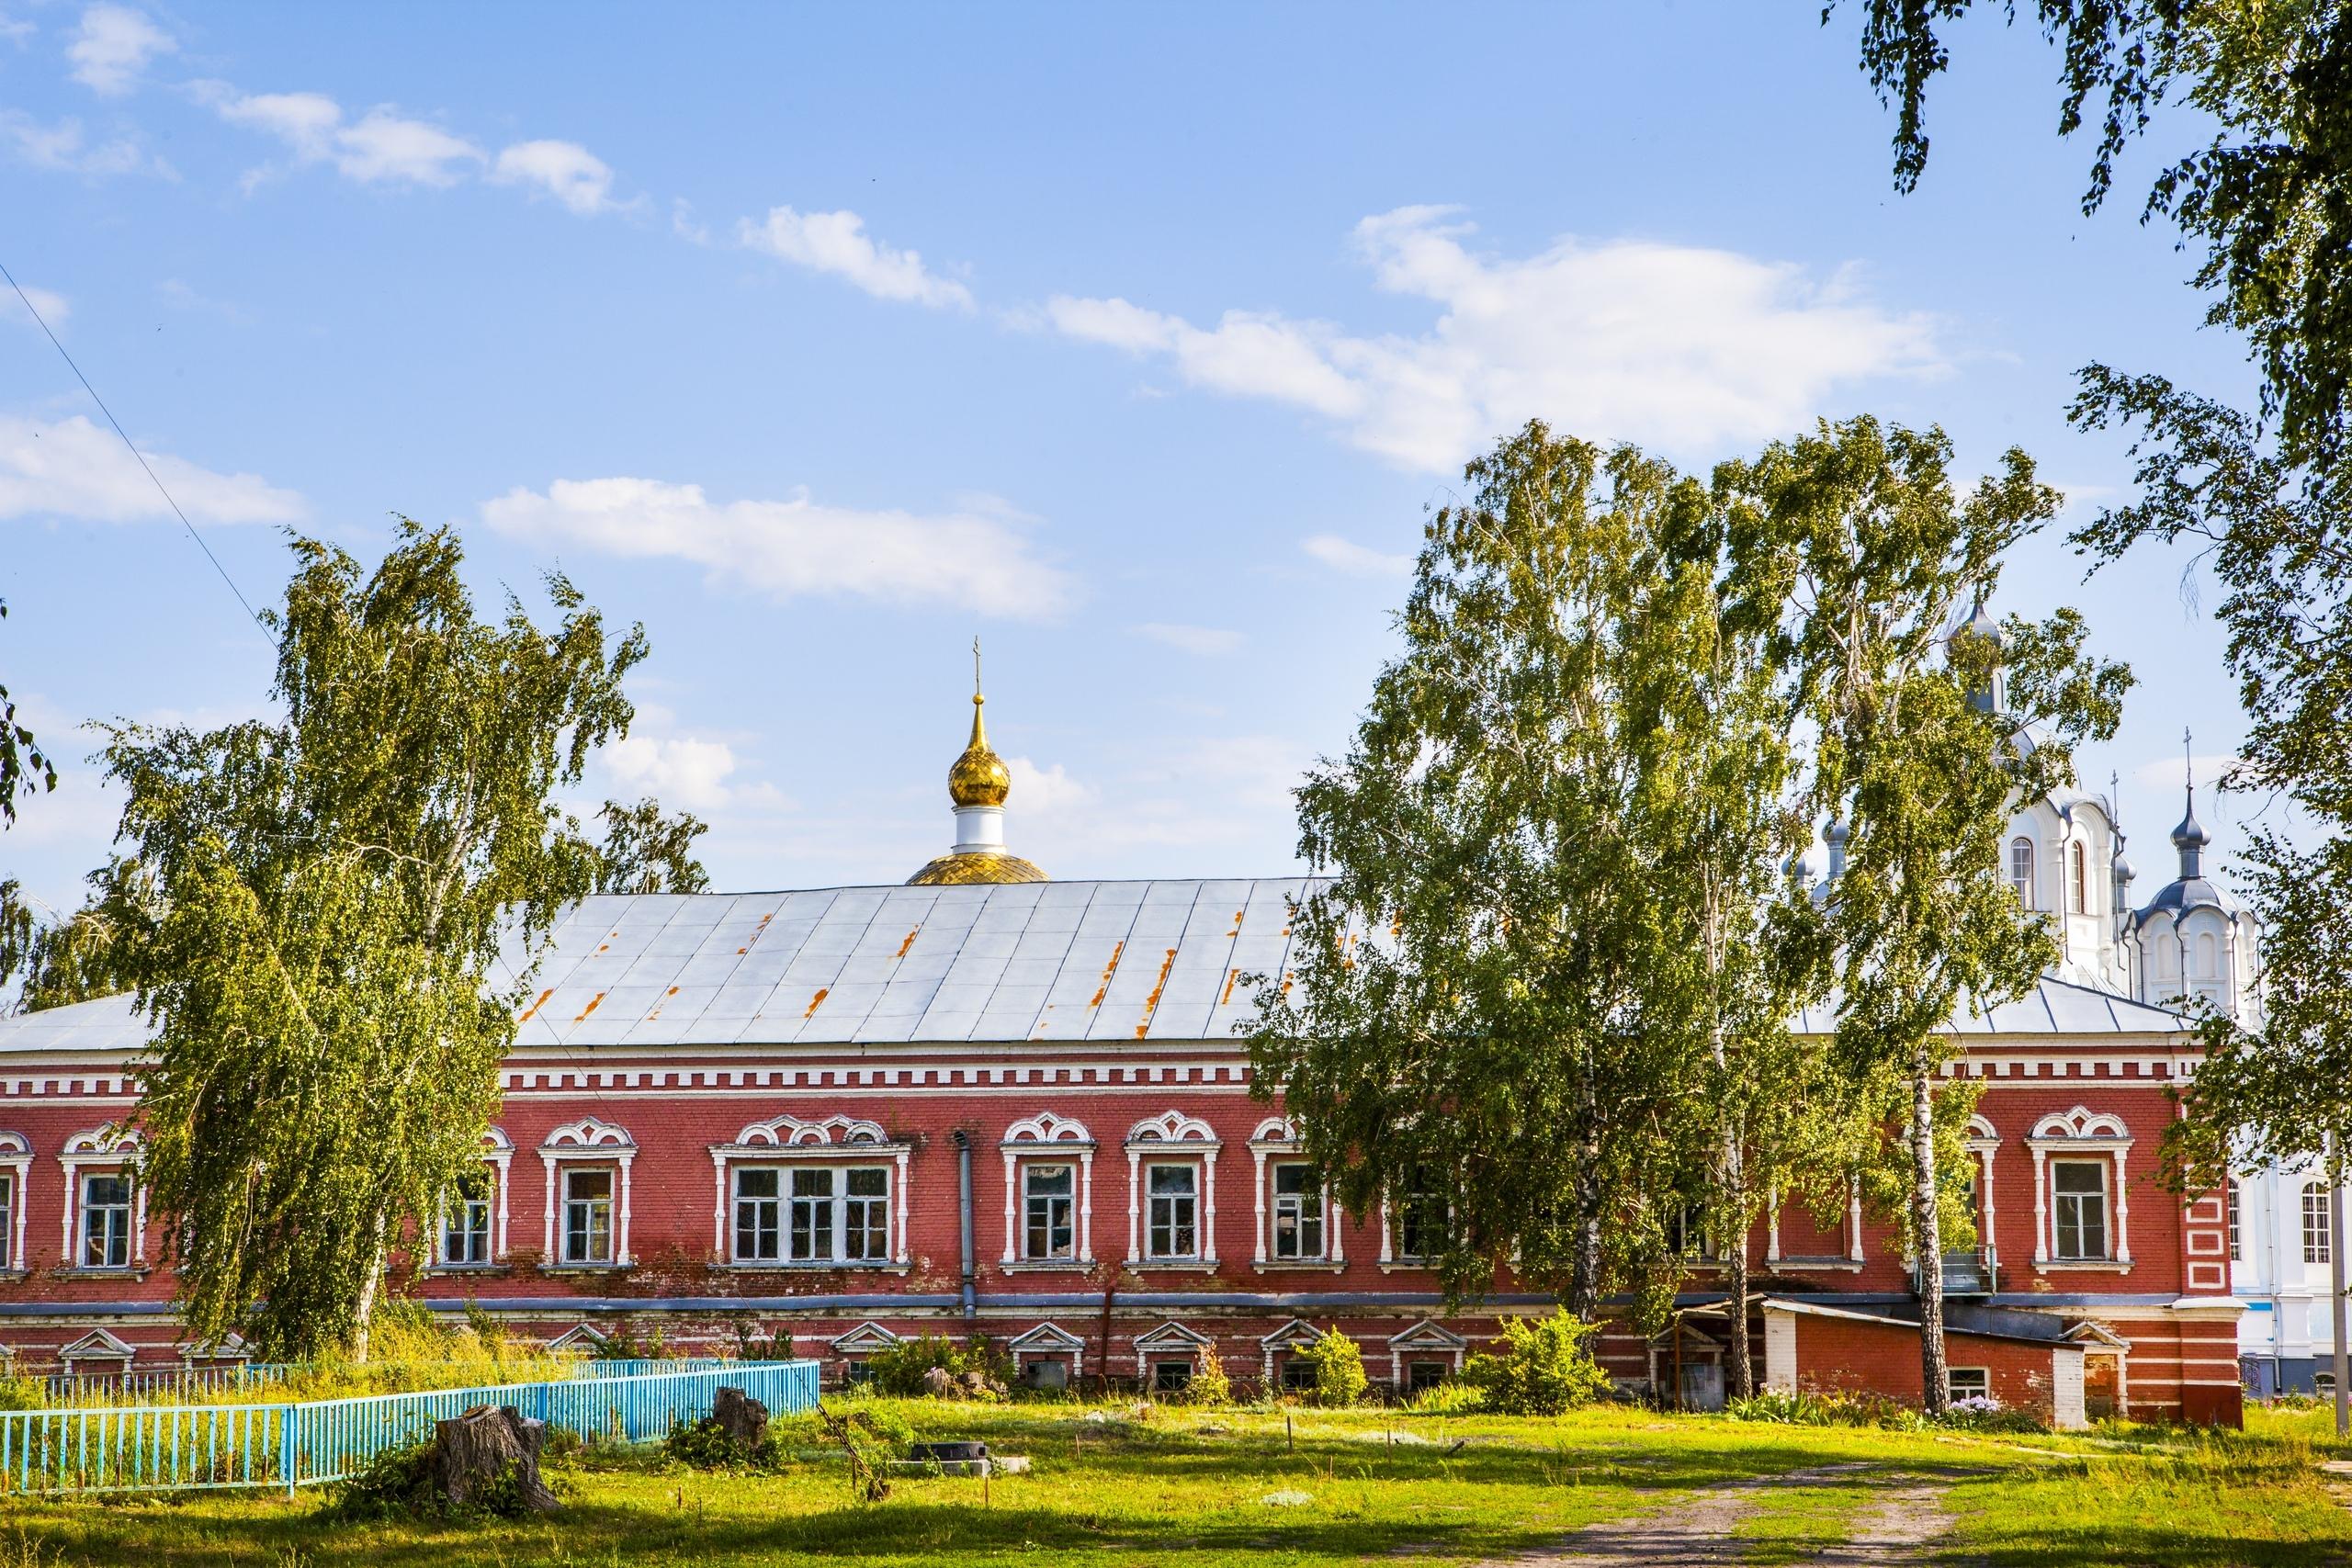 Богоявленский монастырь в ростове великом фото простым этого